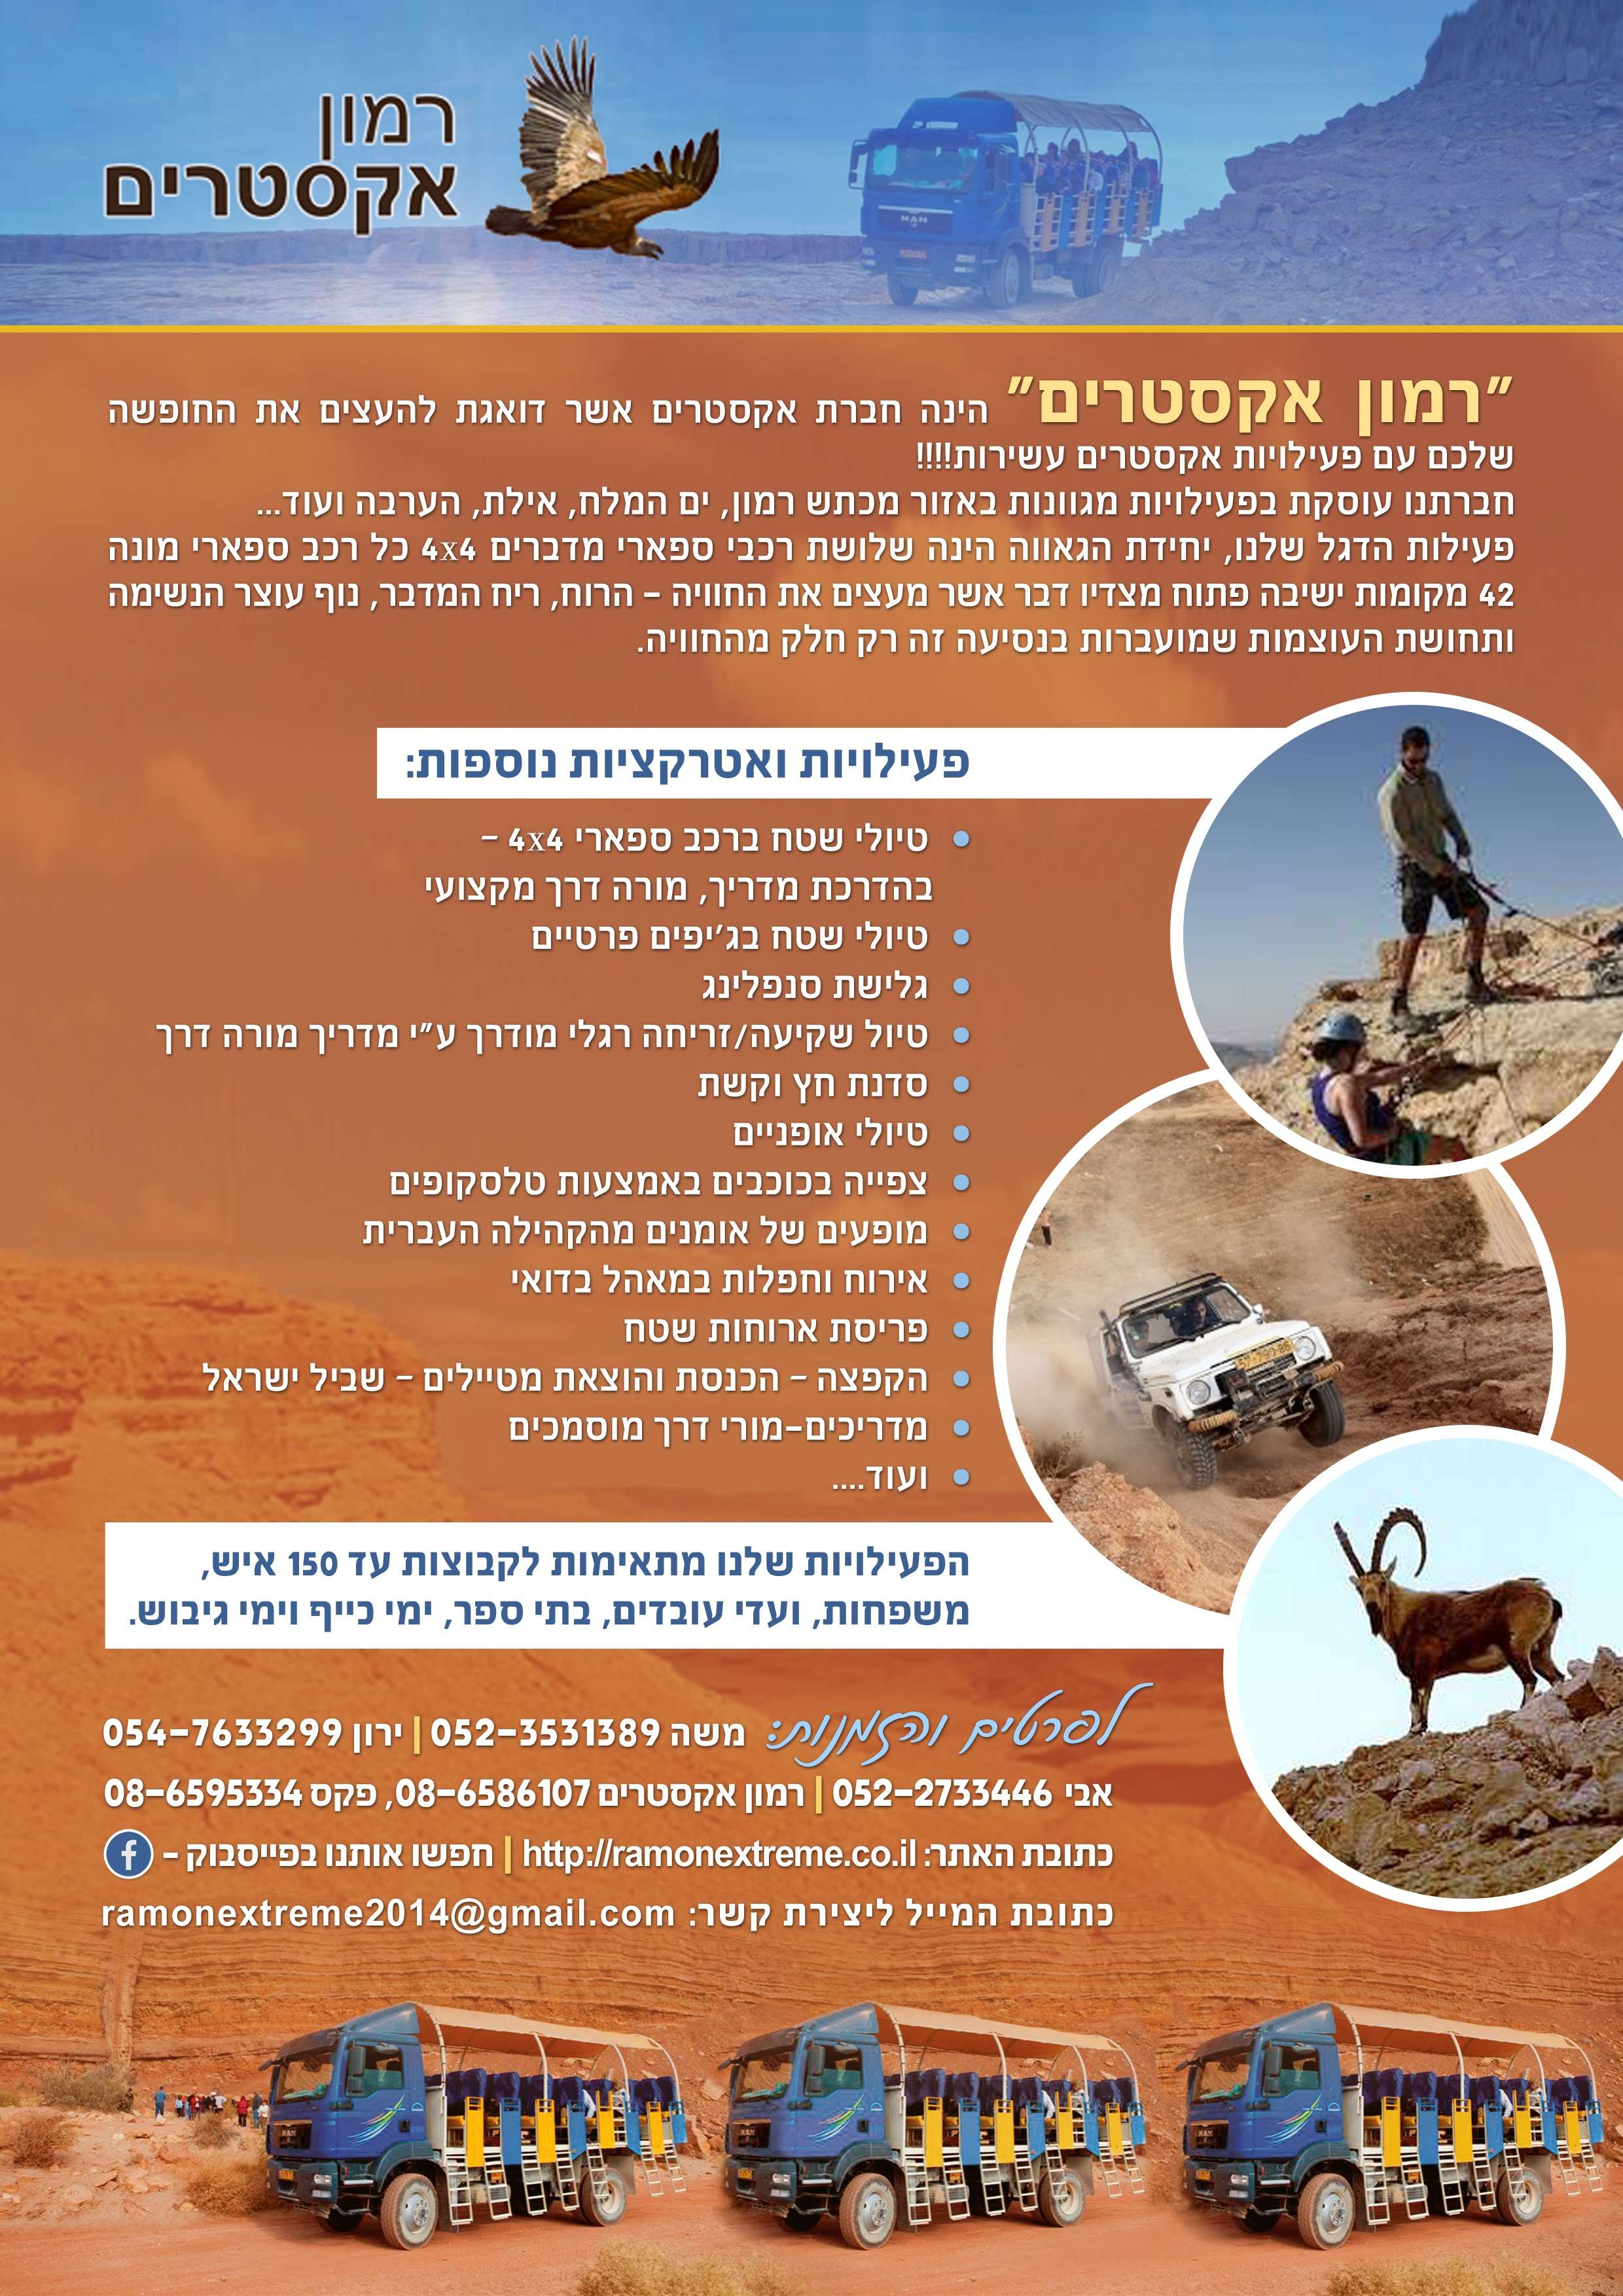 רמון אקסטרים -טלי עברית 1